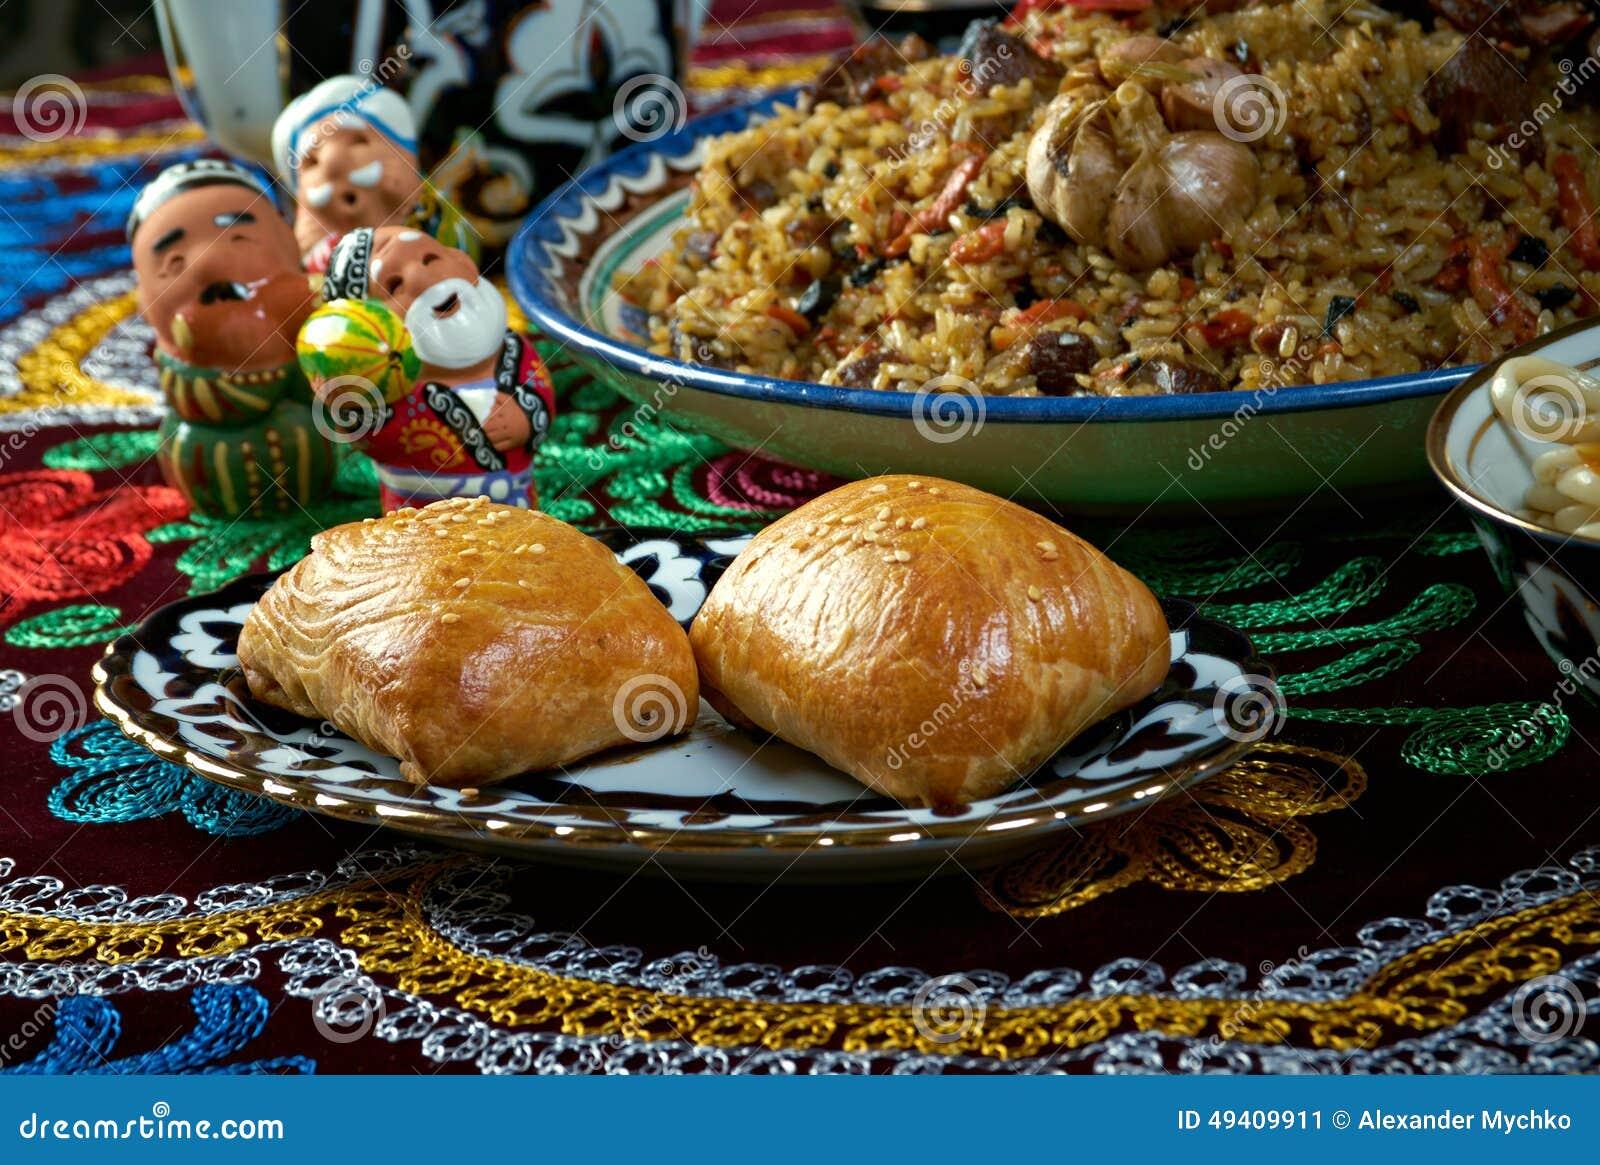 Download Gesetzte Zentrale Asiatische Küche Des Lebensmittels Stockbild - Bild von essen, lamm: 49409911